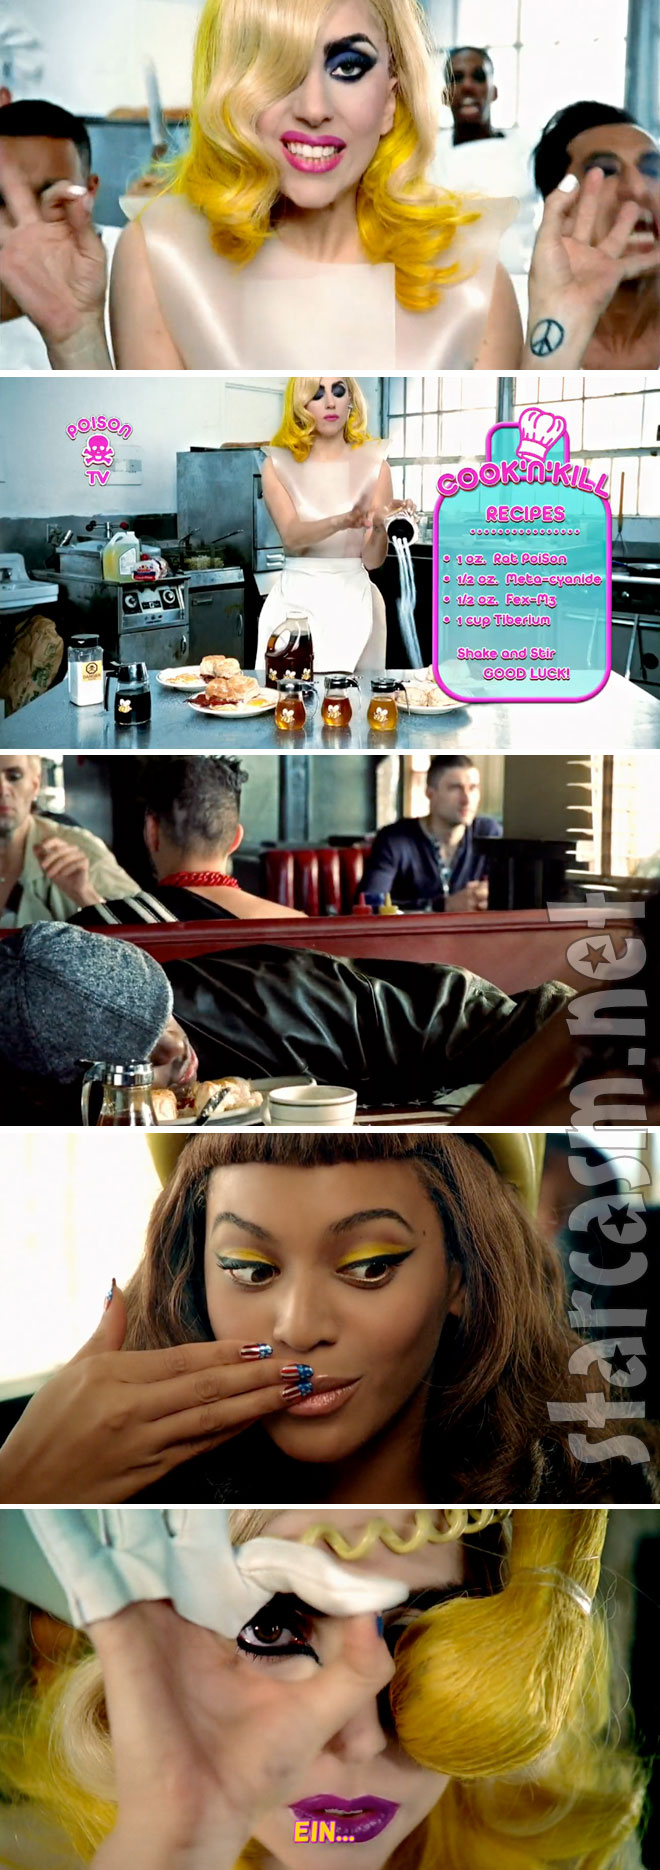 elephone?by Lady Gaga